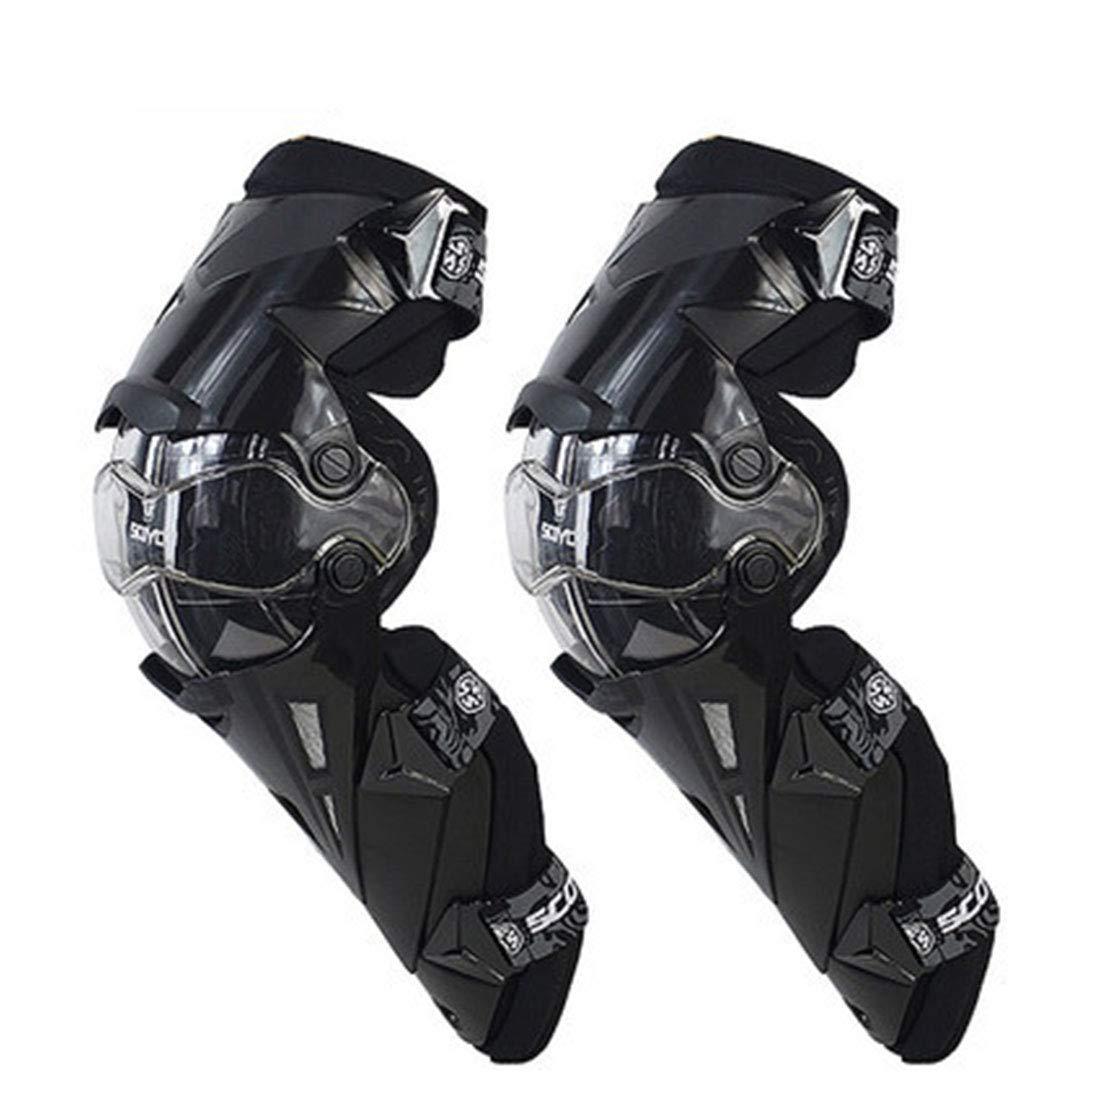 CAFUTY 快適な膝パッド調節可能な長い脚スリーブギアクラッシュ防止滑り止め保護新ガード衝突回避膝スリーブオートバイマウンテンバイク (Color : ブラック)  ブラック B07P1Y57ZN